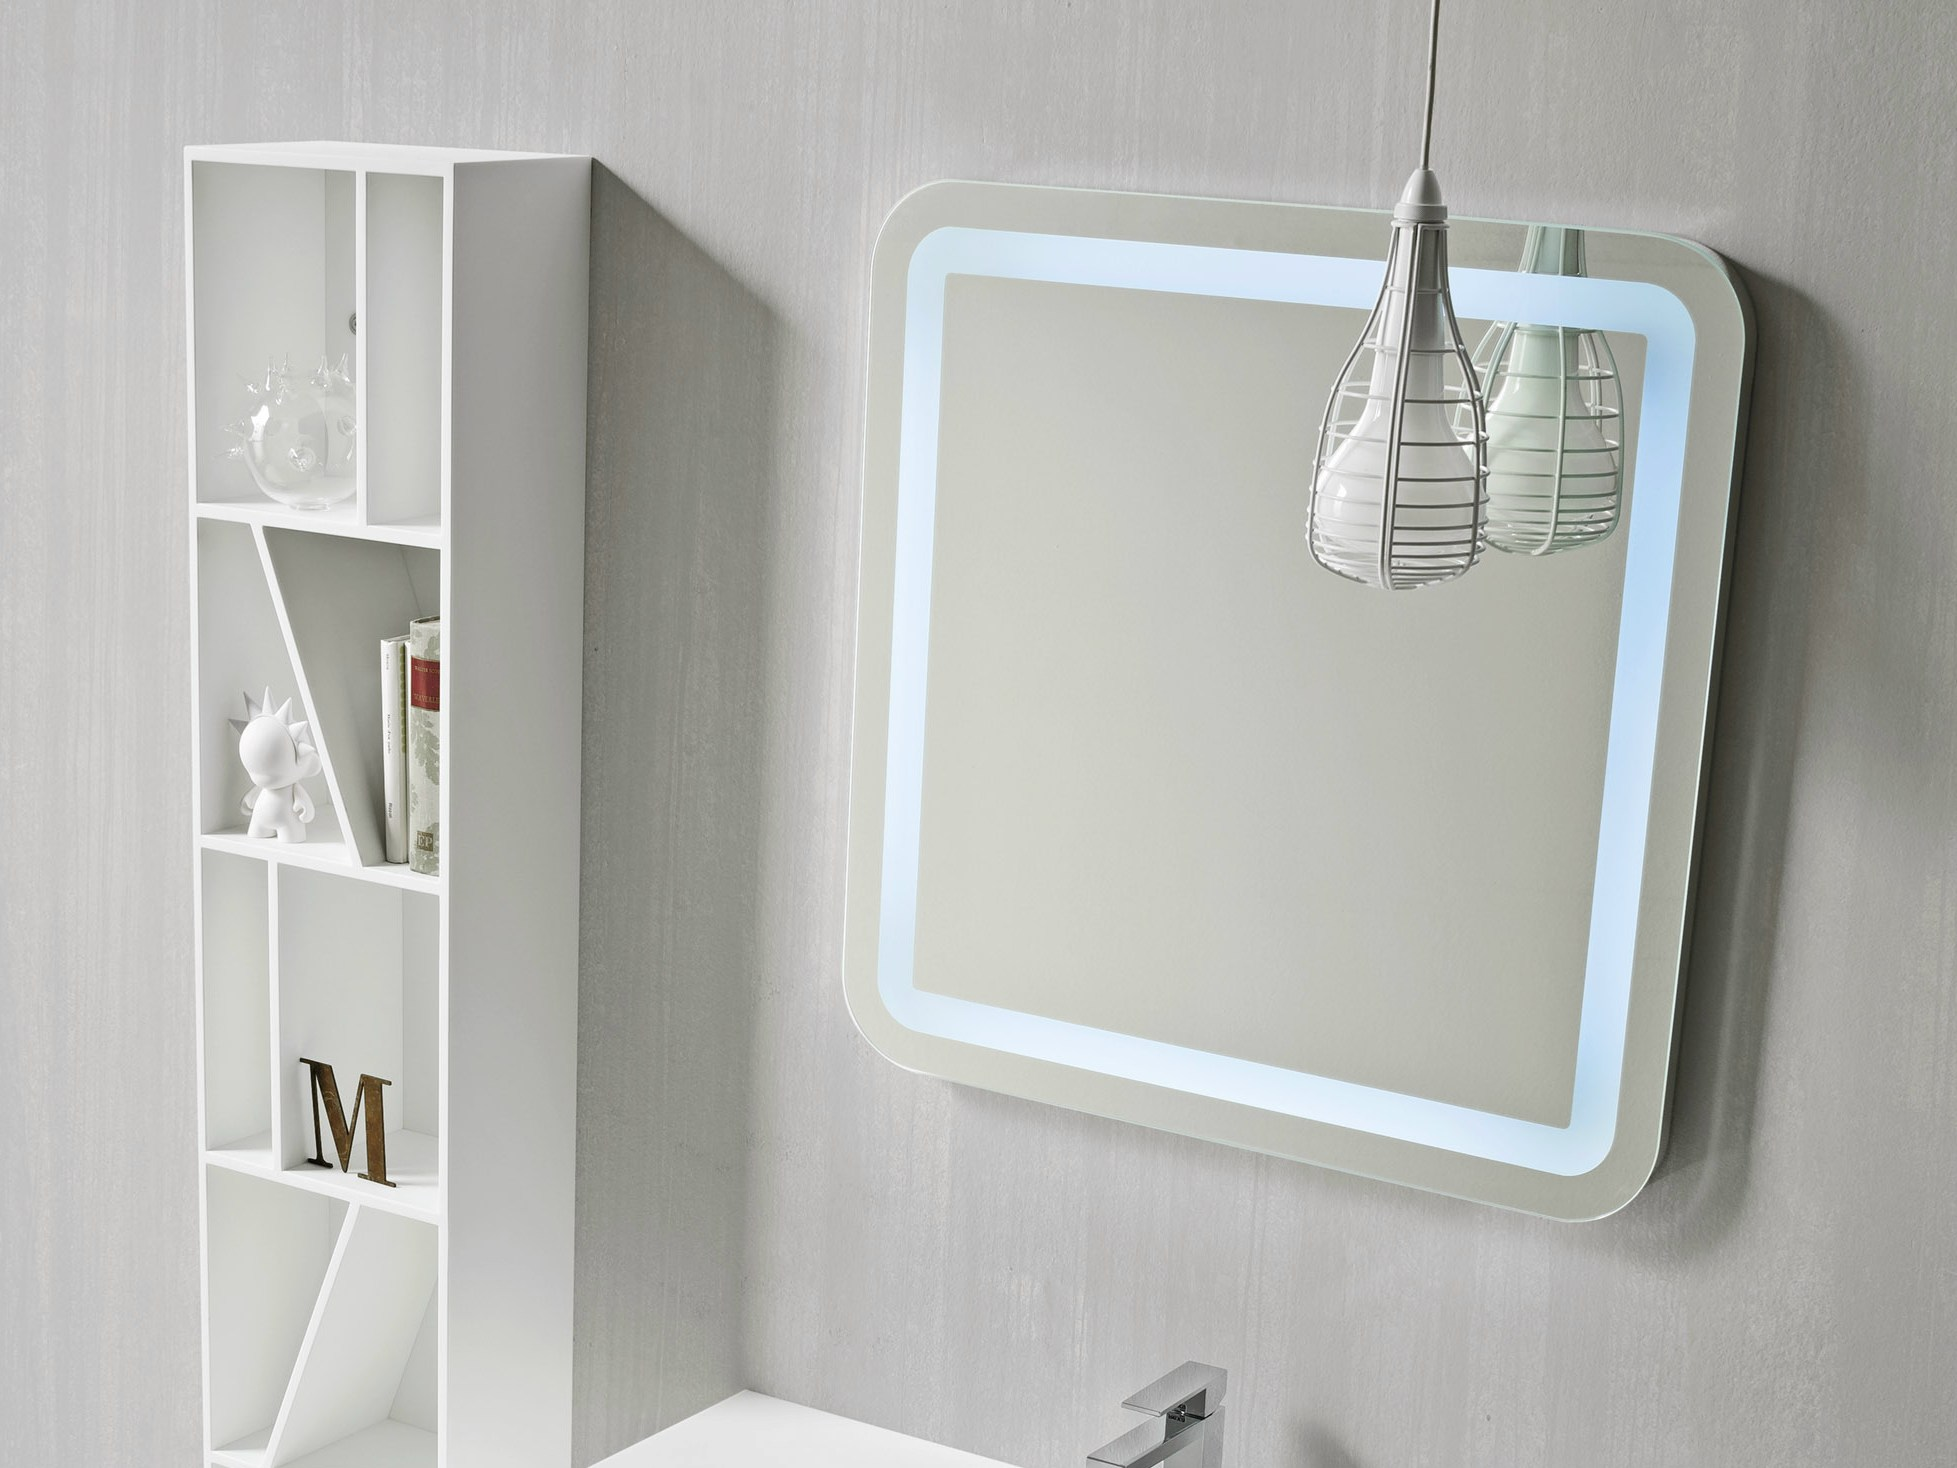 Specchio bagno collezione giano by rexa design - Specchio bagno design ...